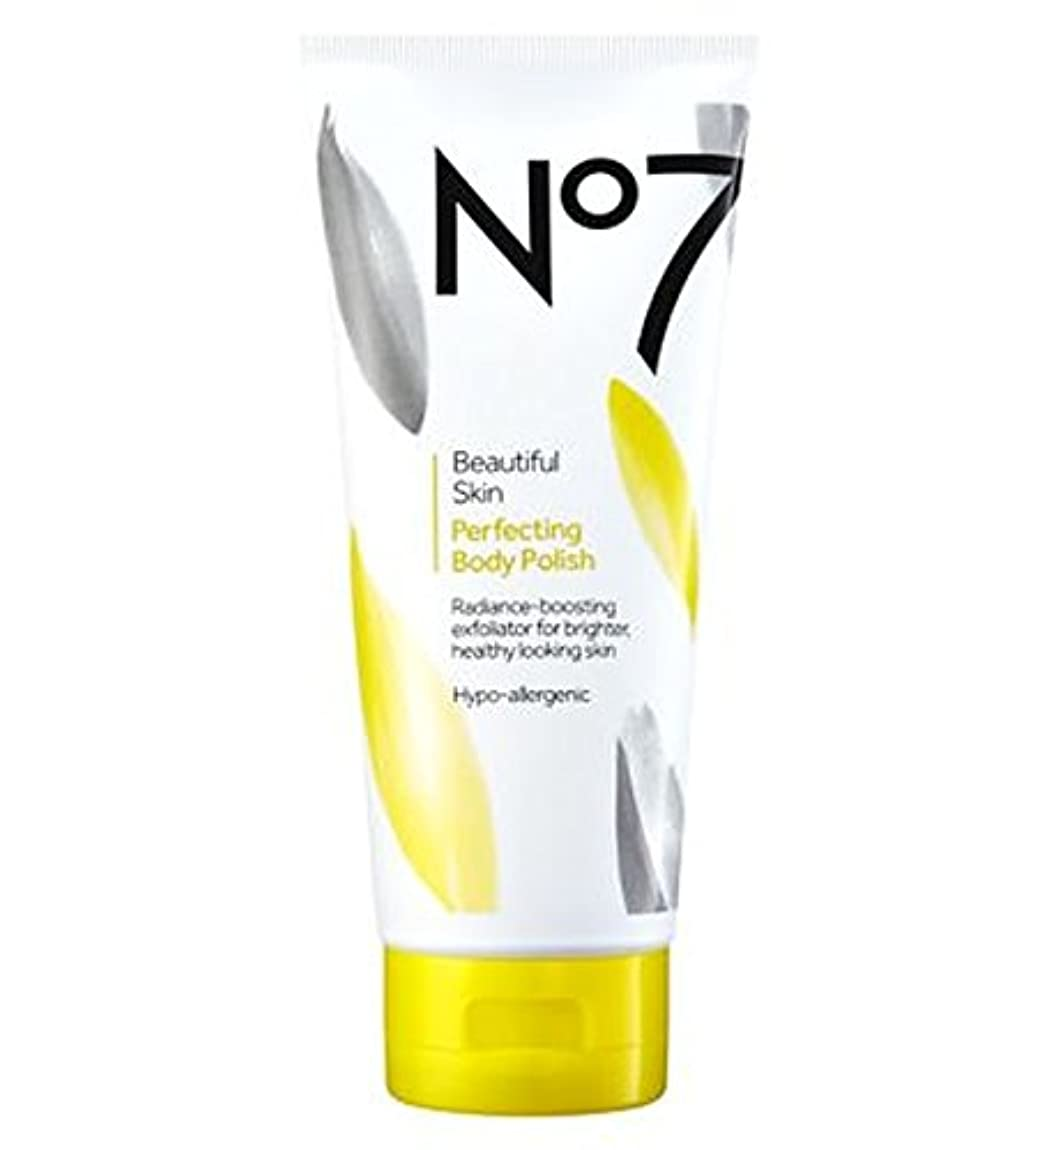 霊快適追い越すNo7 Beautiful Skin Perfecting Body Polish - ボディポリッシュを完成No7美肌 (No7) [並行輸入品]